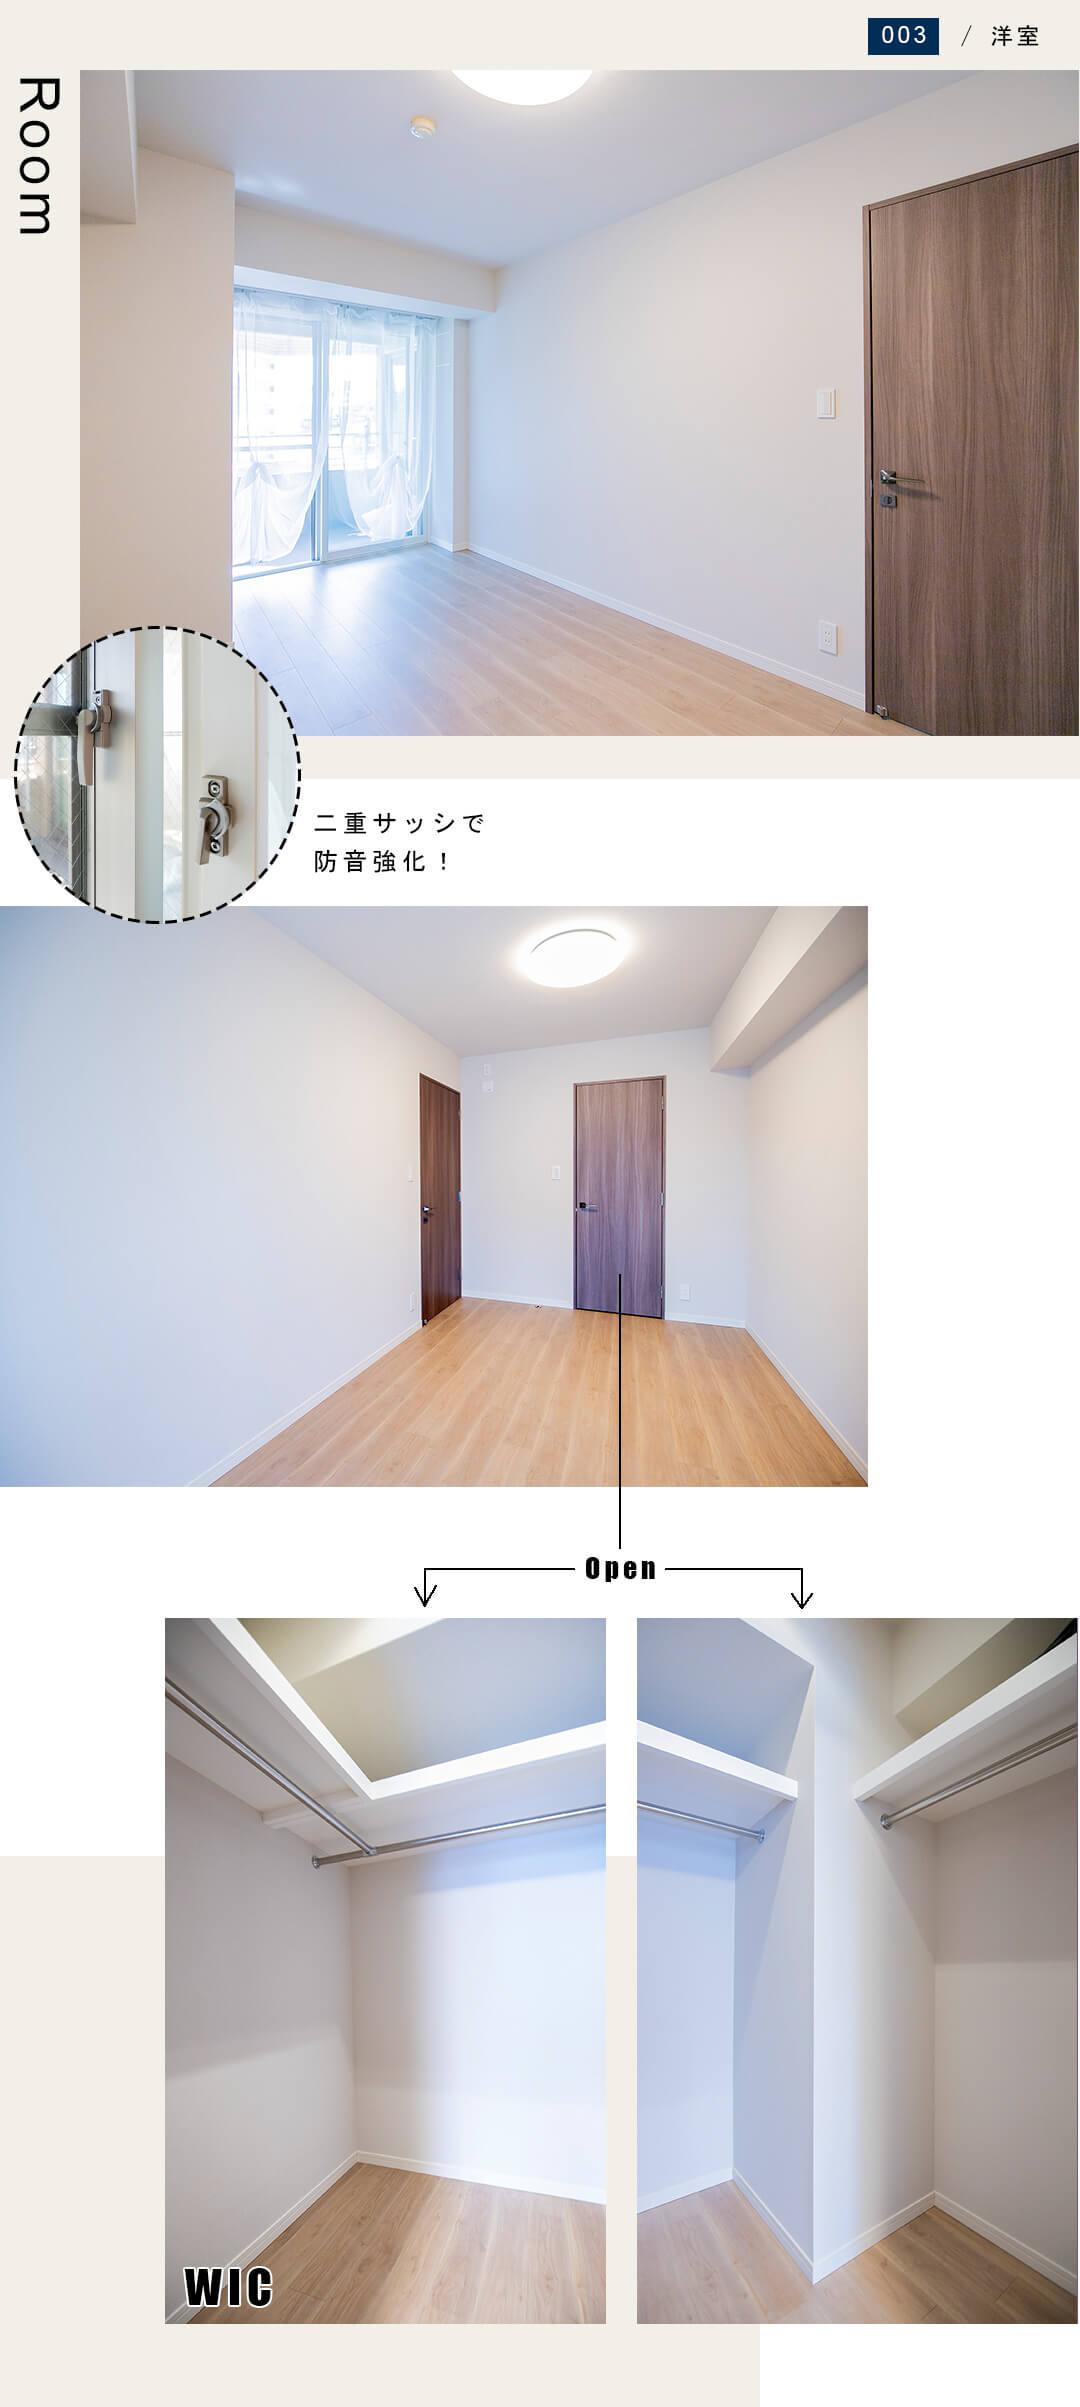 リシェ広尾の洋室